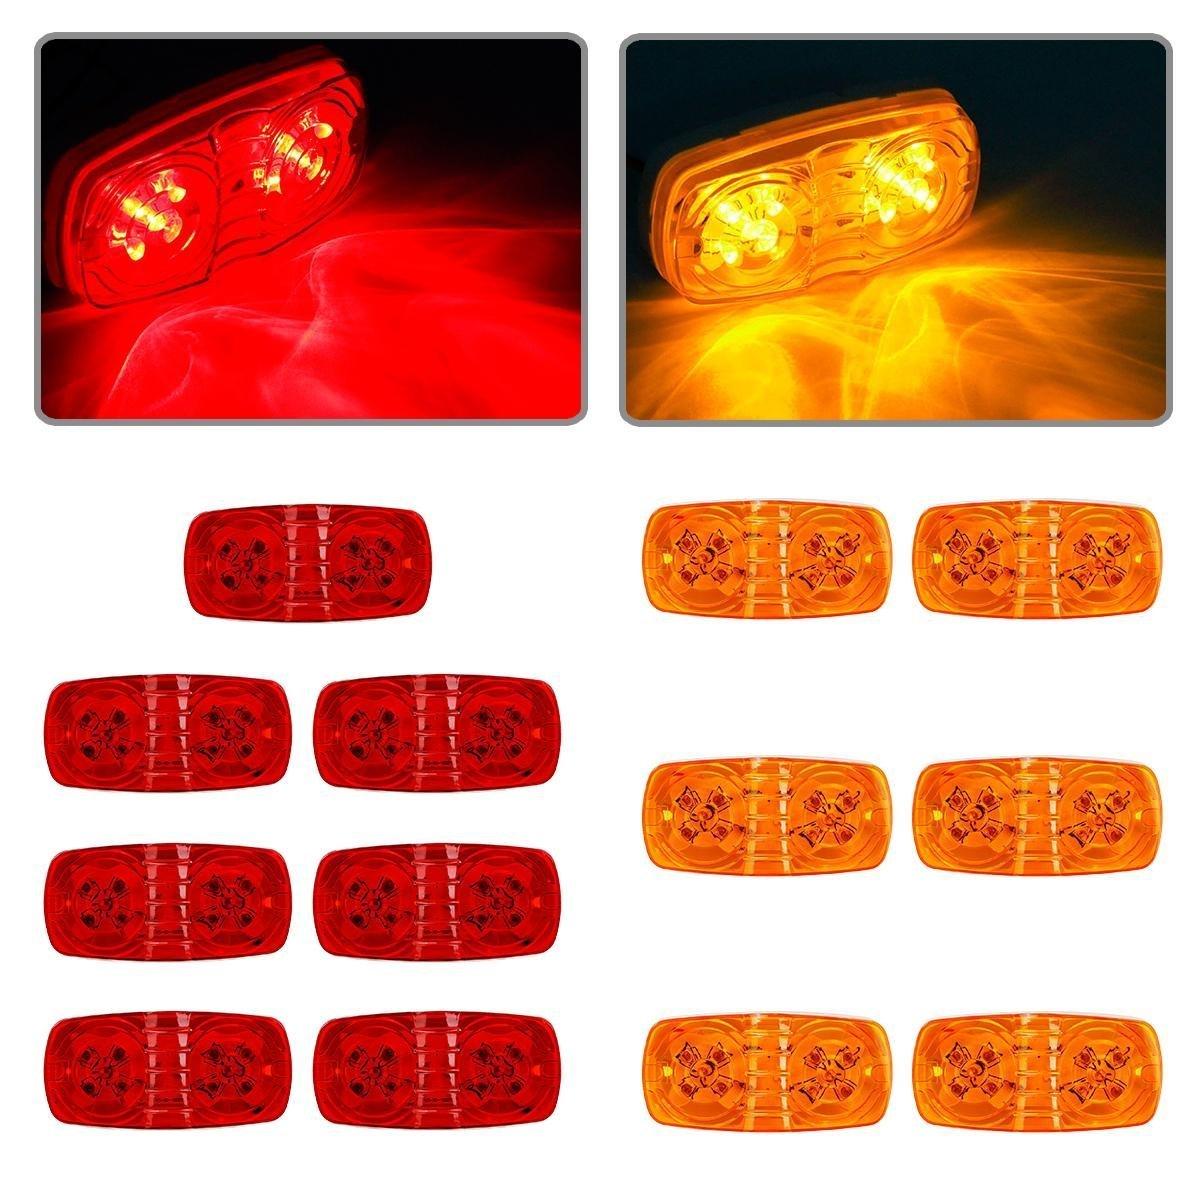 Buy Partsam 13x Trailer Marker LED Light Double Bullseye AmberRed